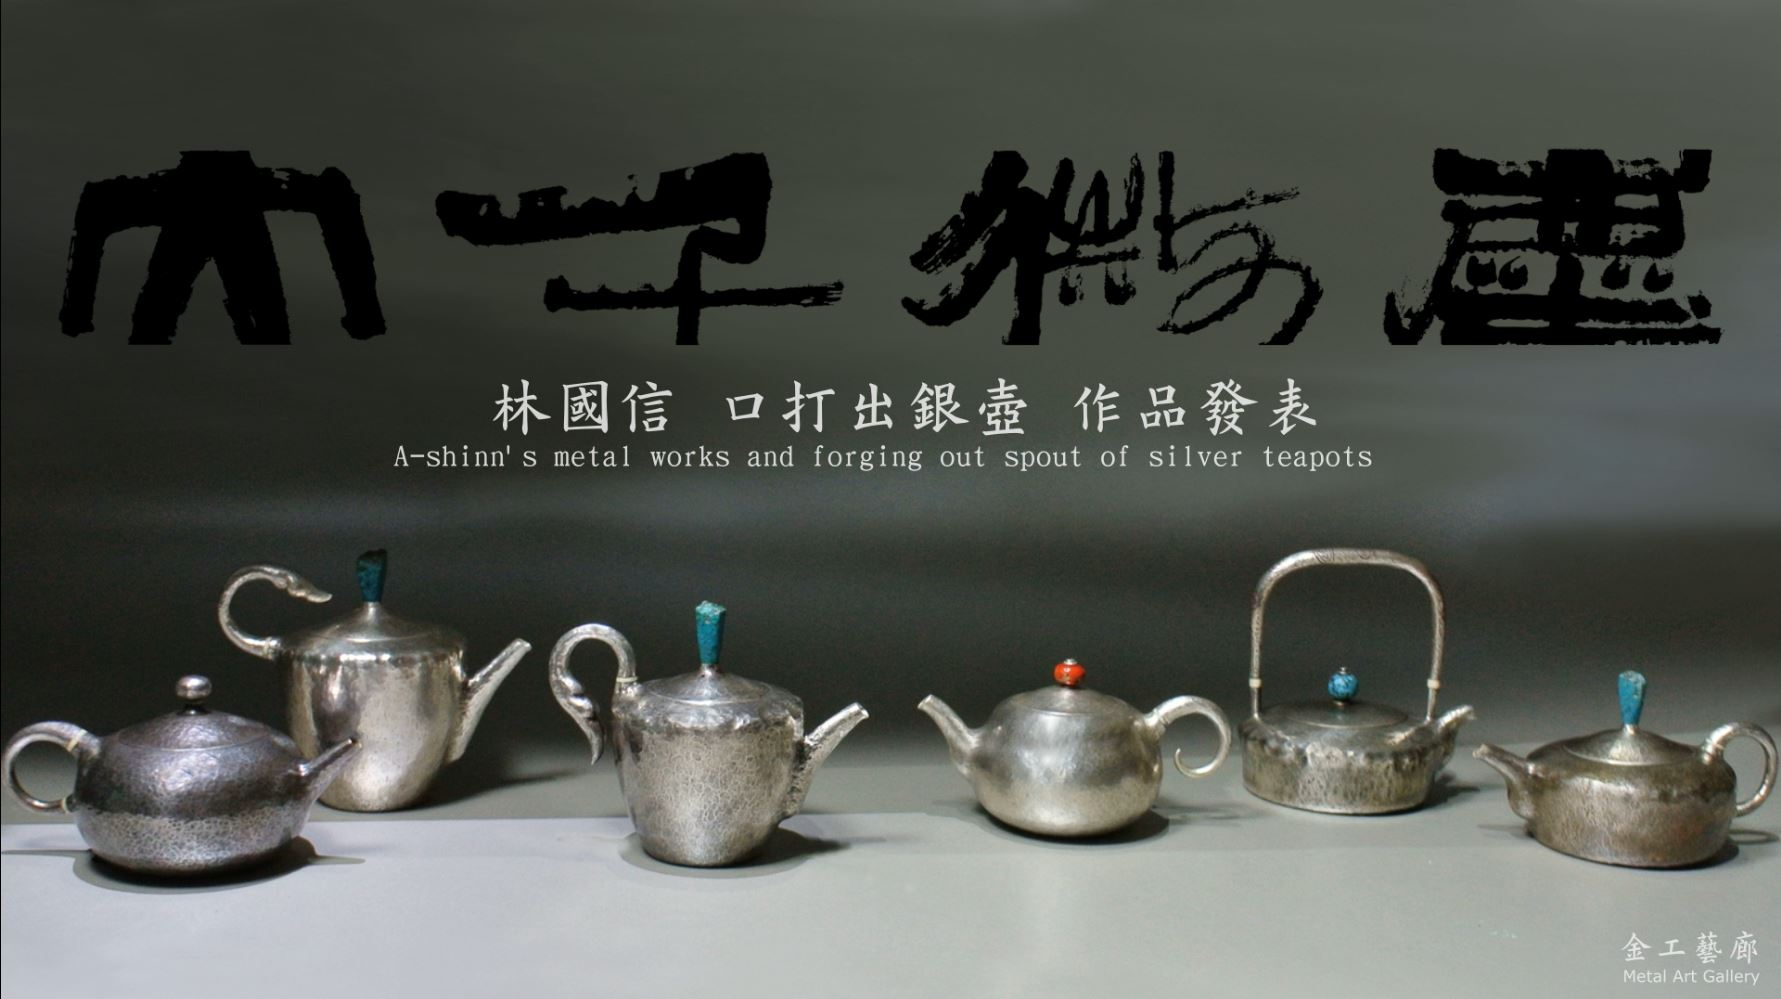 林國信 最新銀壺口打出作品發表